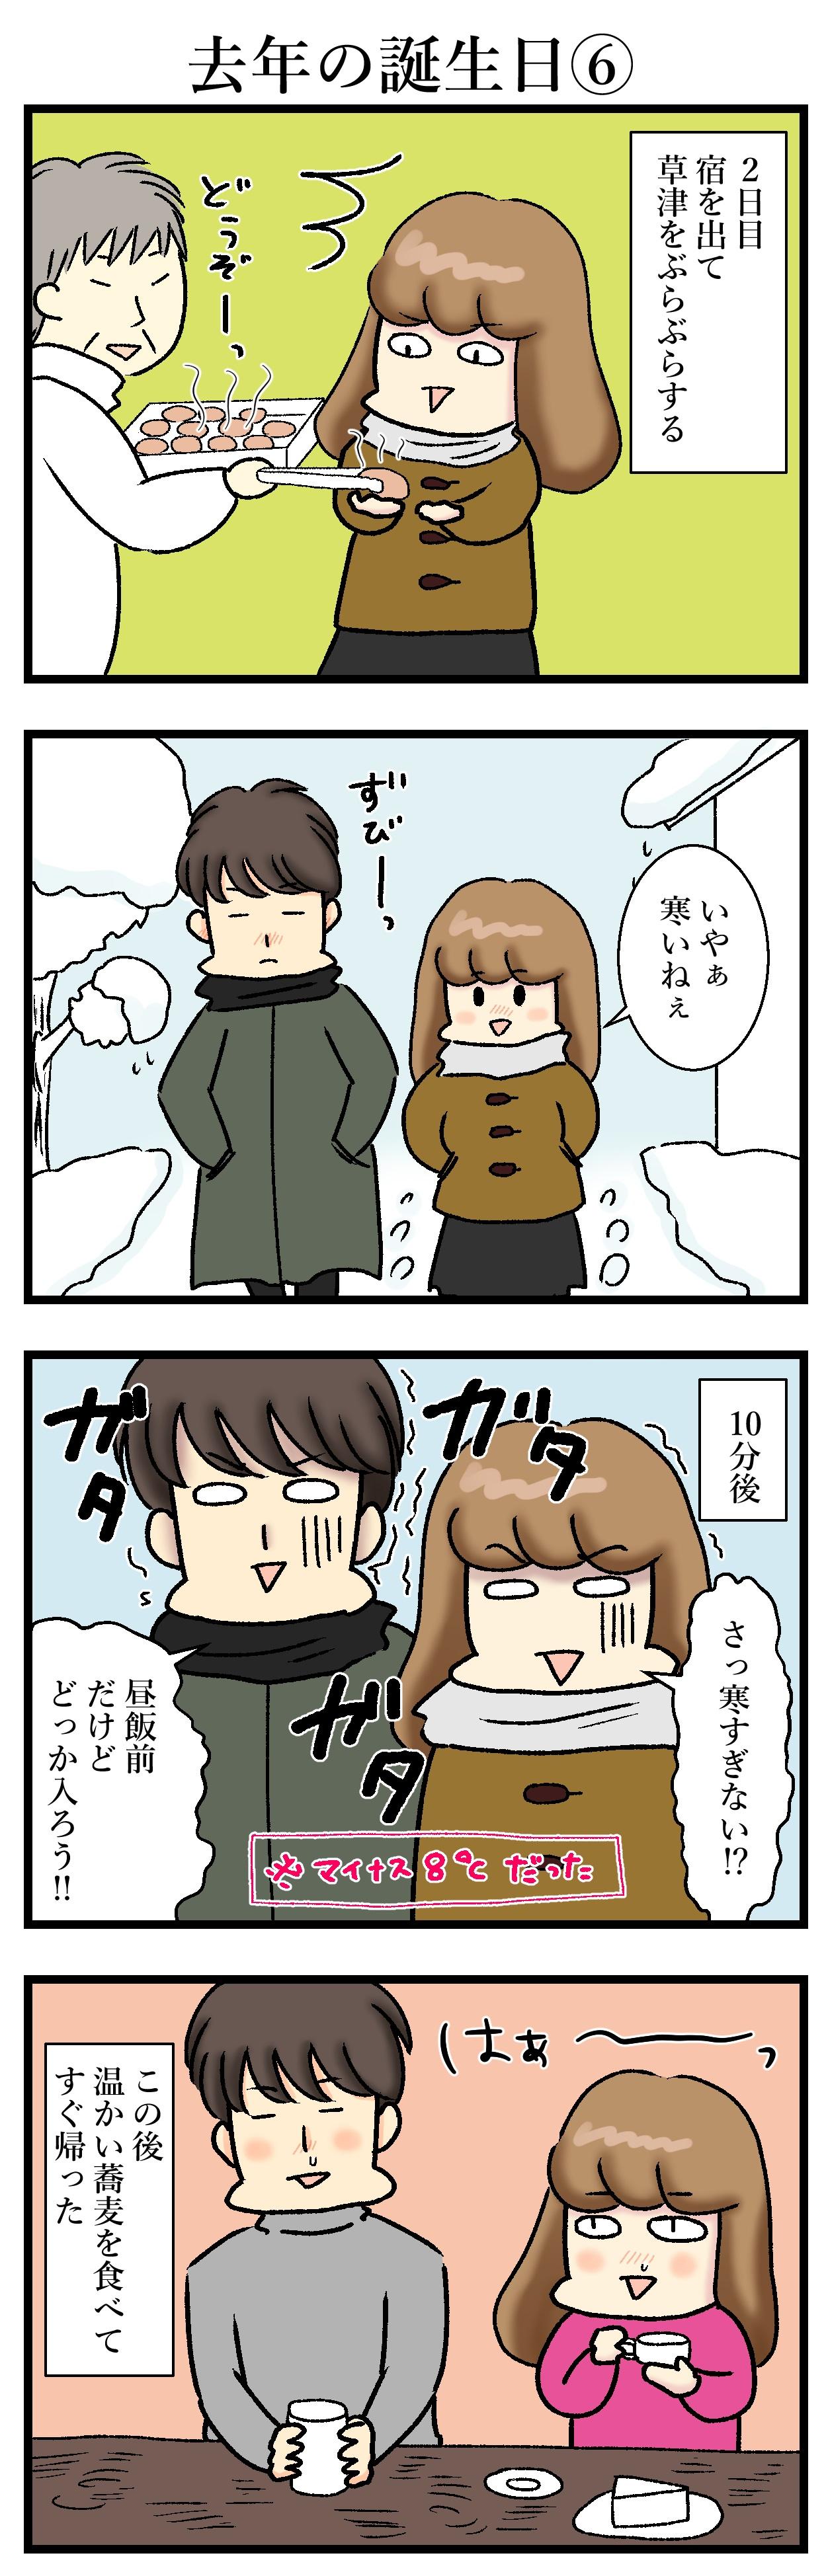 【エッセイ漫画】アラサー主婦くま子のふがいない日常(79)